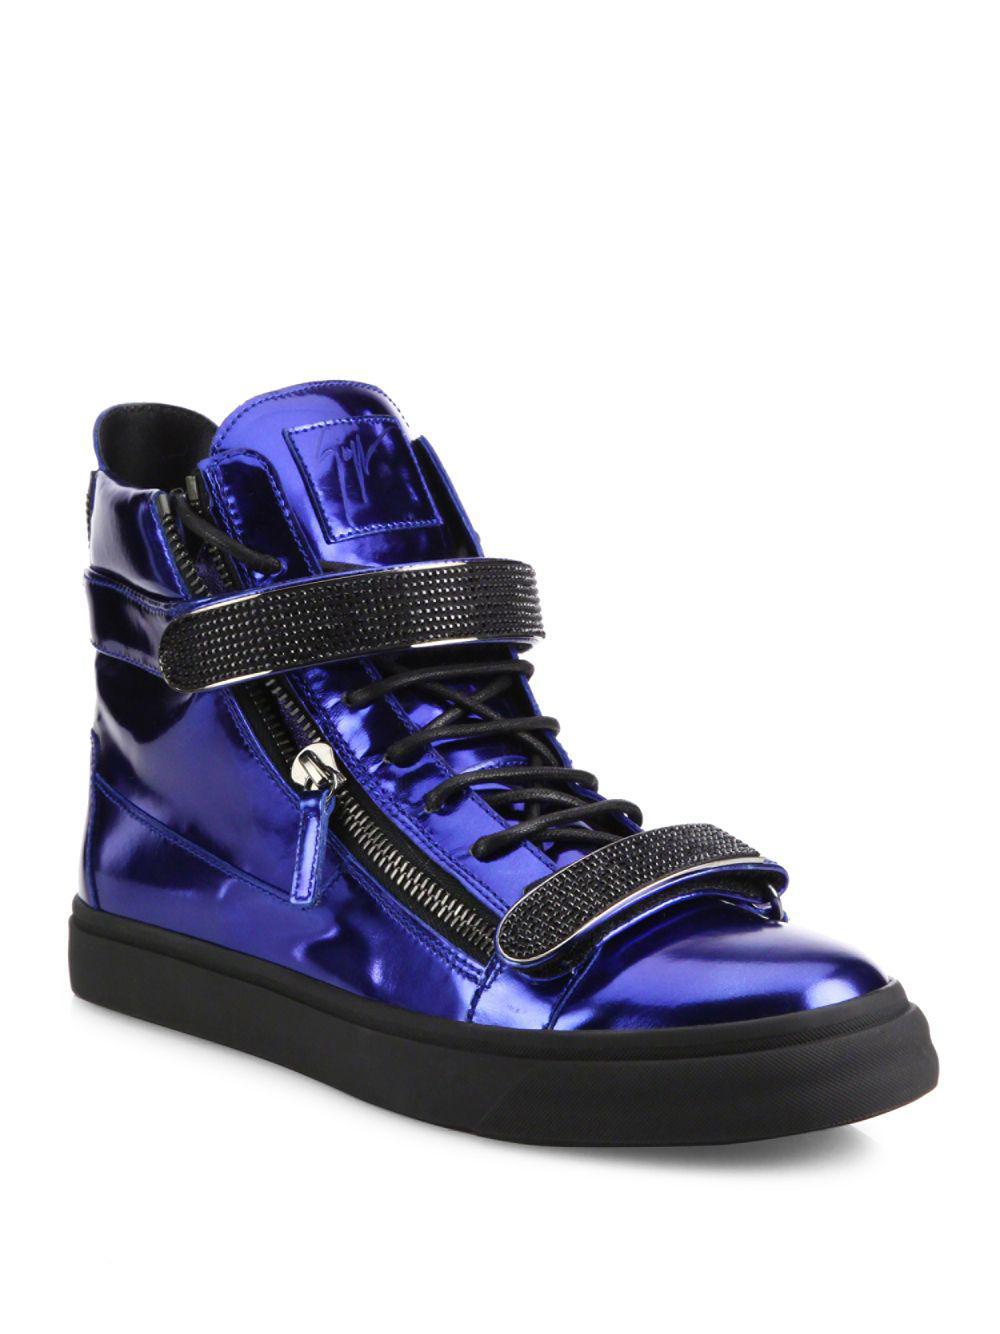 6b006f5b92160 Lyst - Giuseppe Zanotti Metallic Double Bar High-top Sneakers in ...